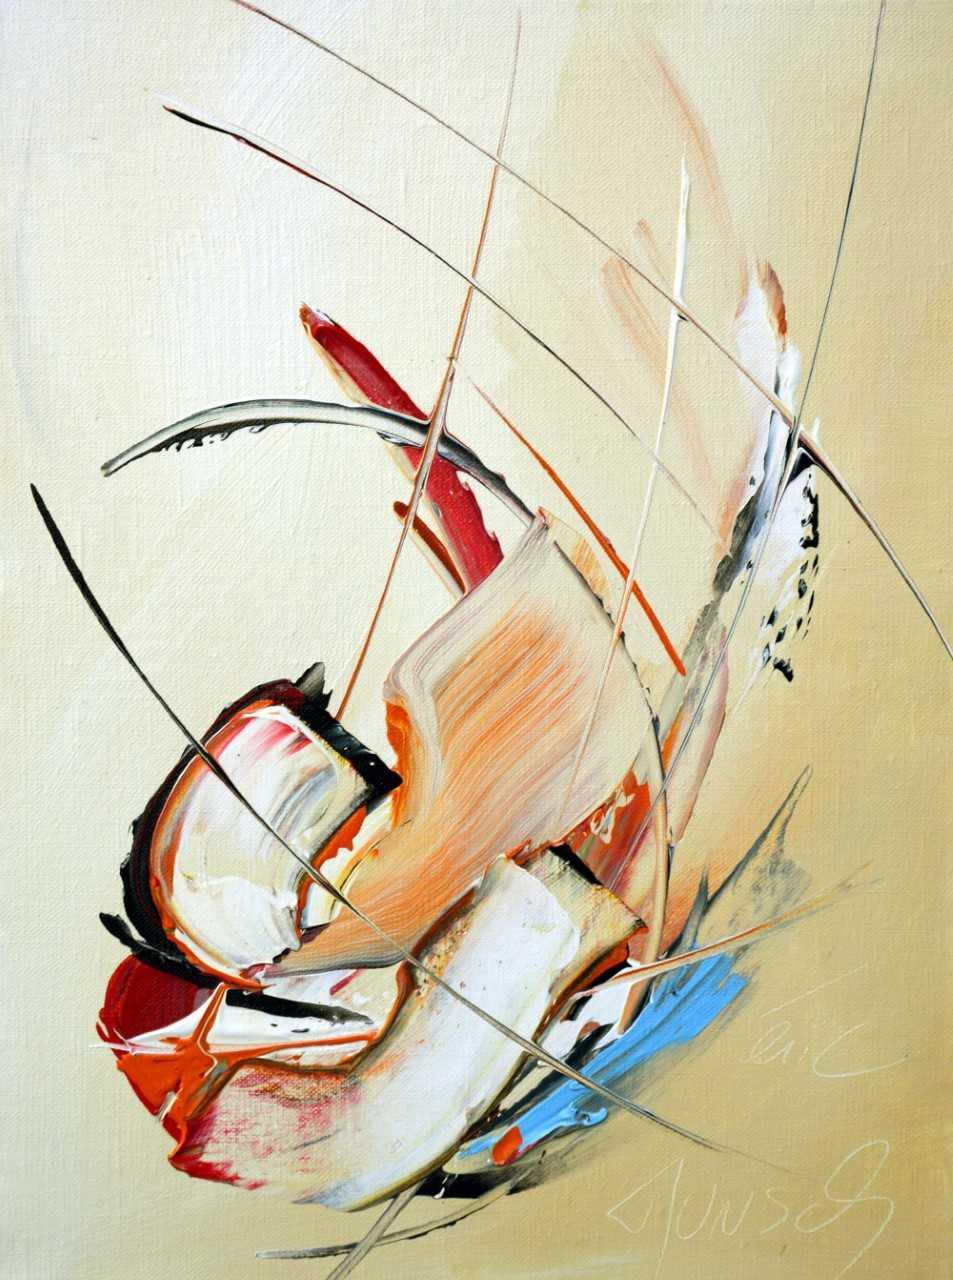 La venue sur fond brun pastel - Acrylique sur toile - 40x30 cm